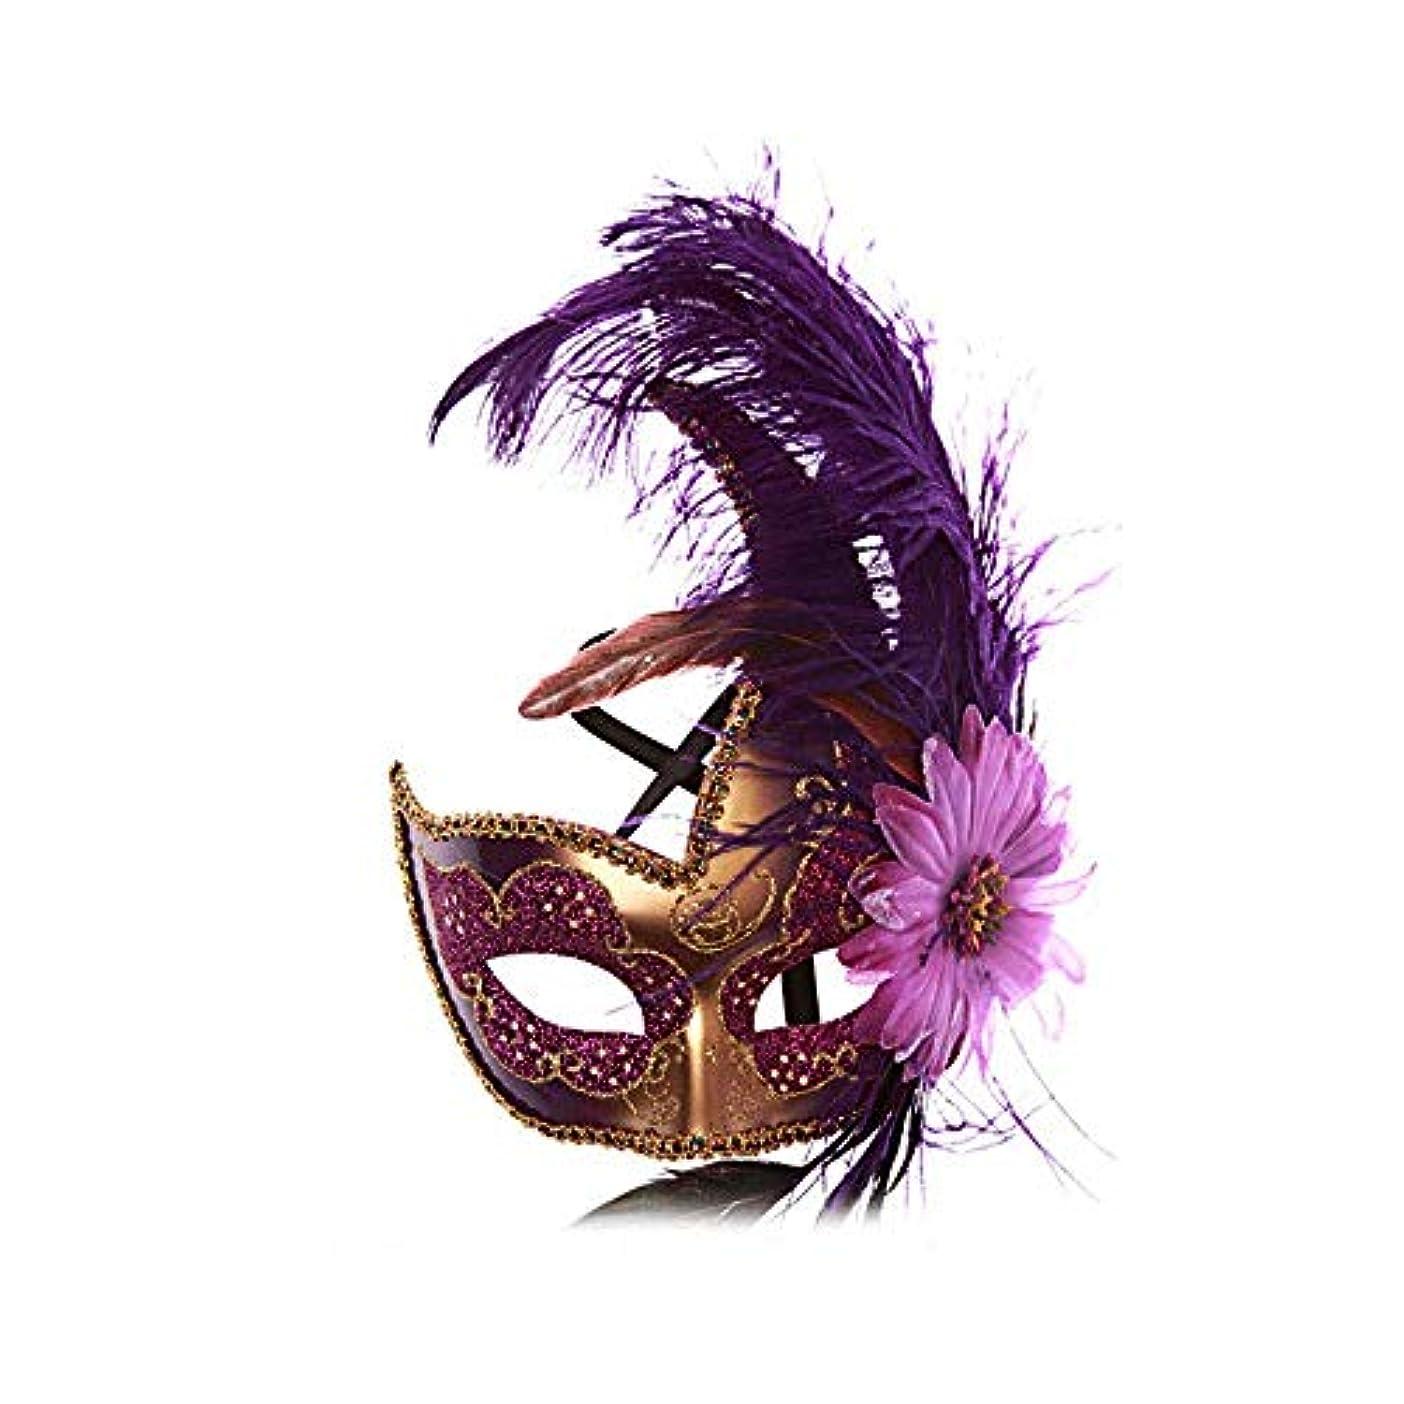 独裁者に向けて出発影響を受けやすいですNanle ハロウィンマスクハーフフェザーマスクベニスプリンセスマスク美容レース仮面ライダーコスプレ (色 : Style B purple)